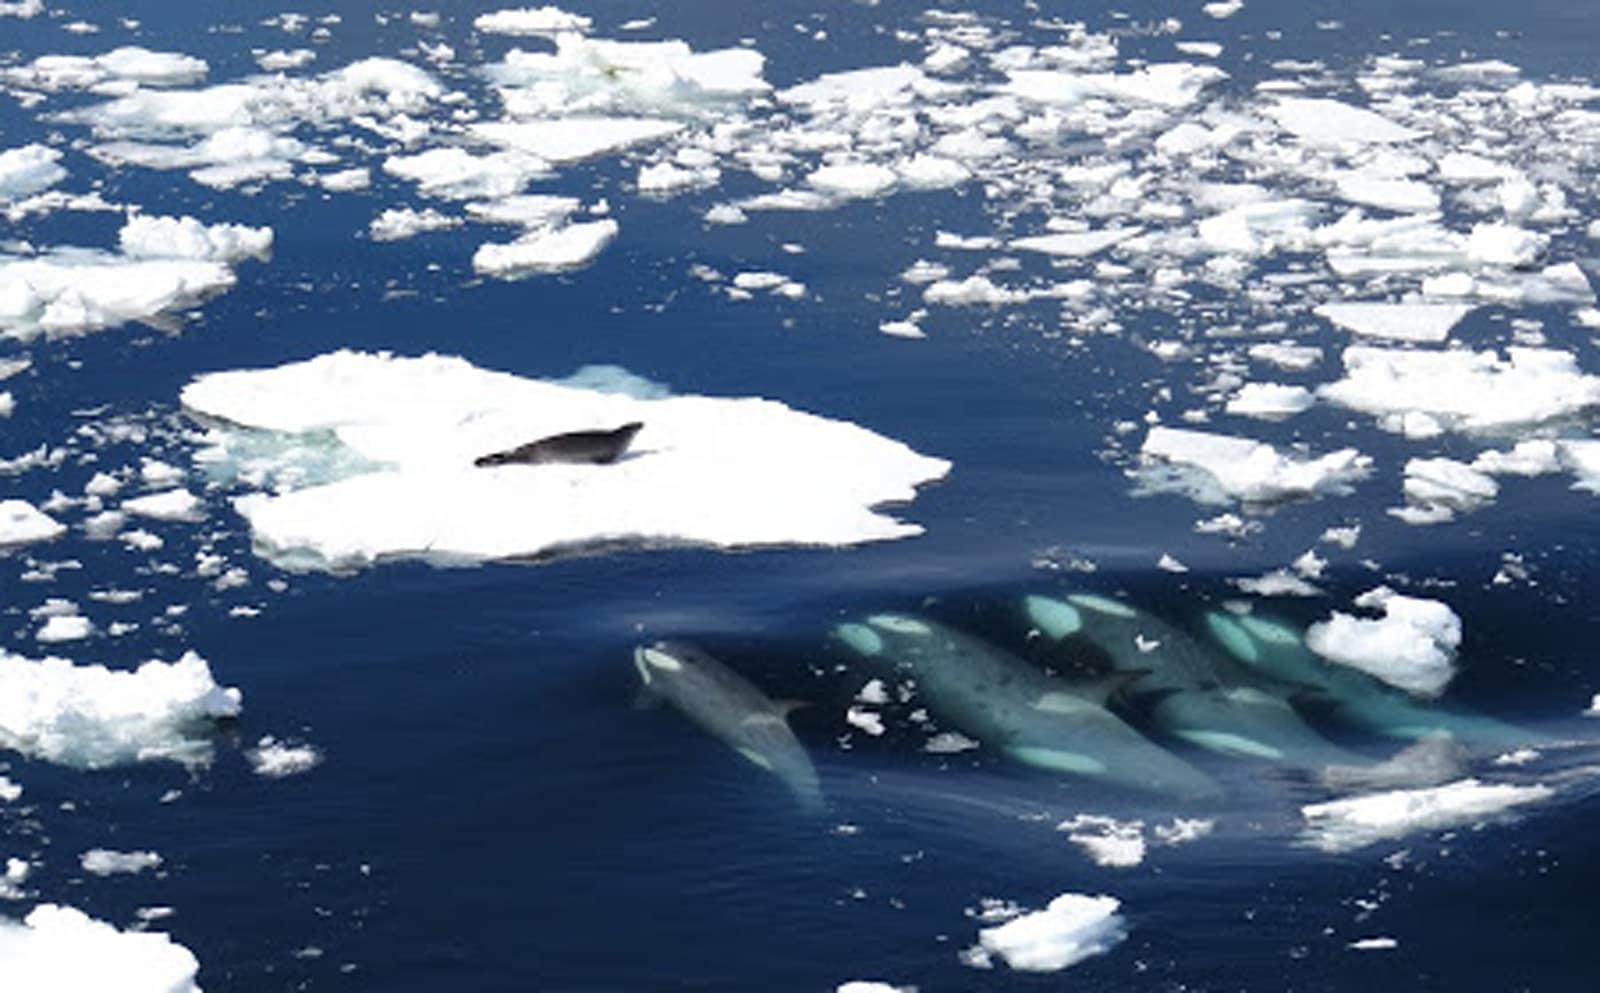 Virgin Unite, Ocean Unite, Lewis Pugh, Antarctic